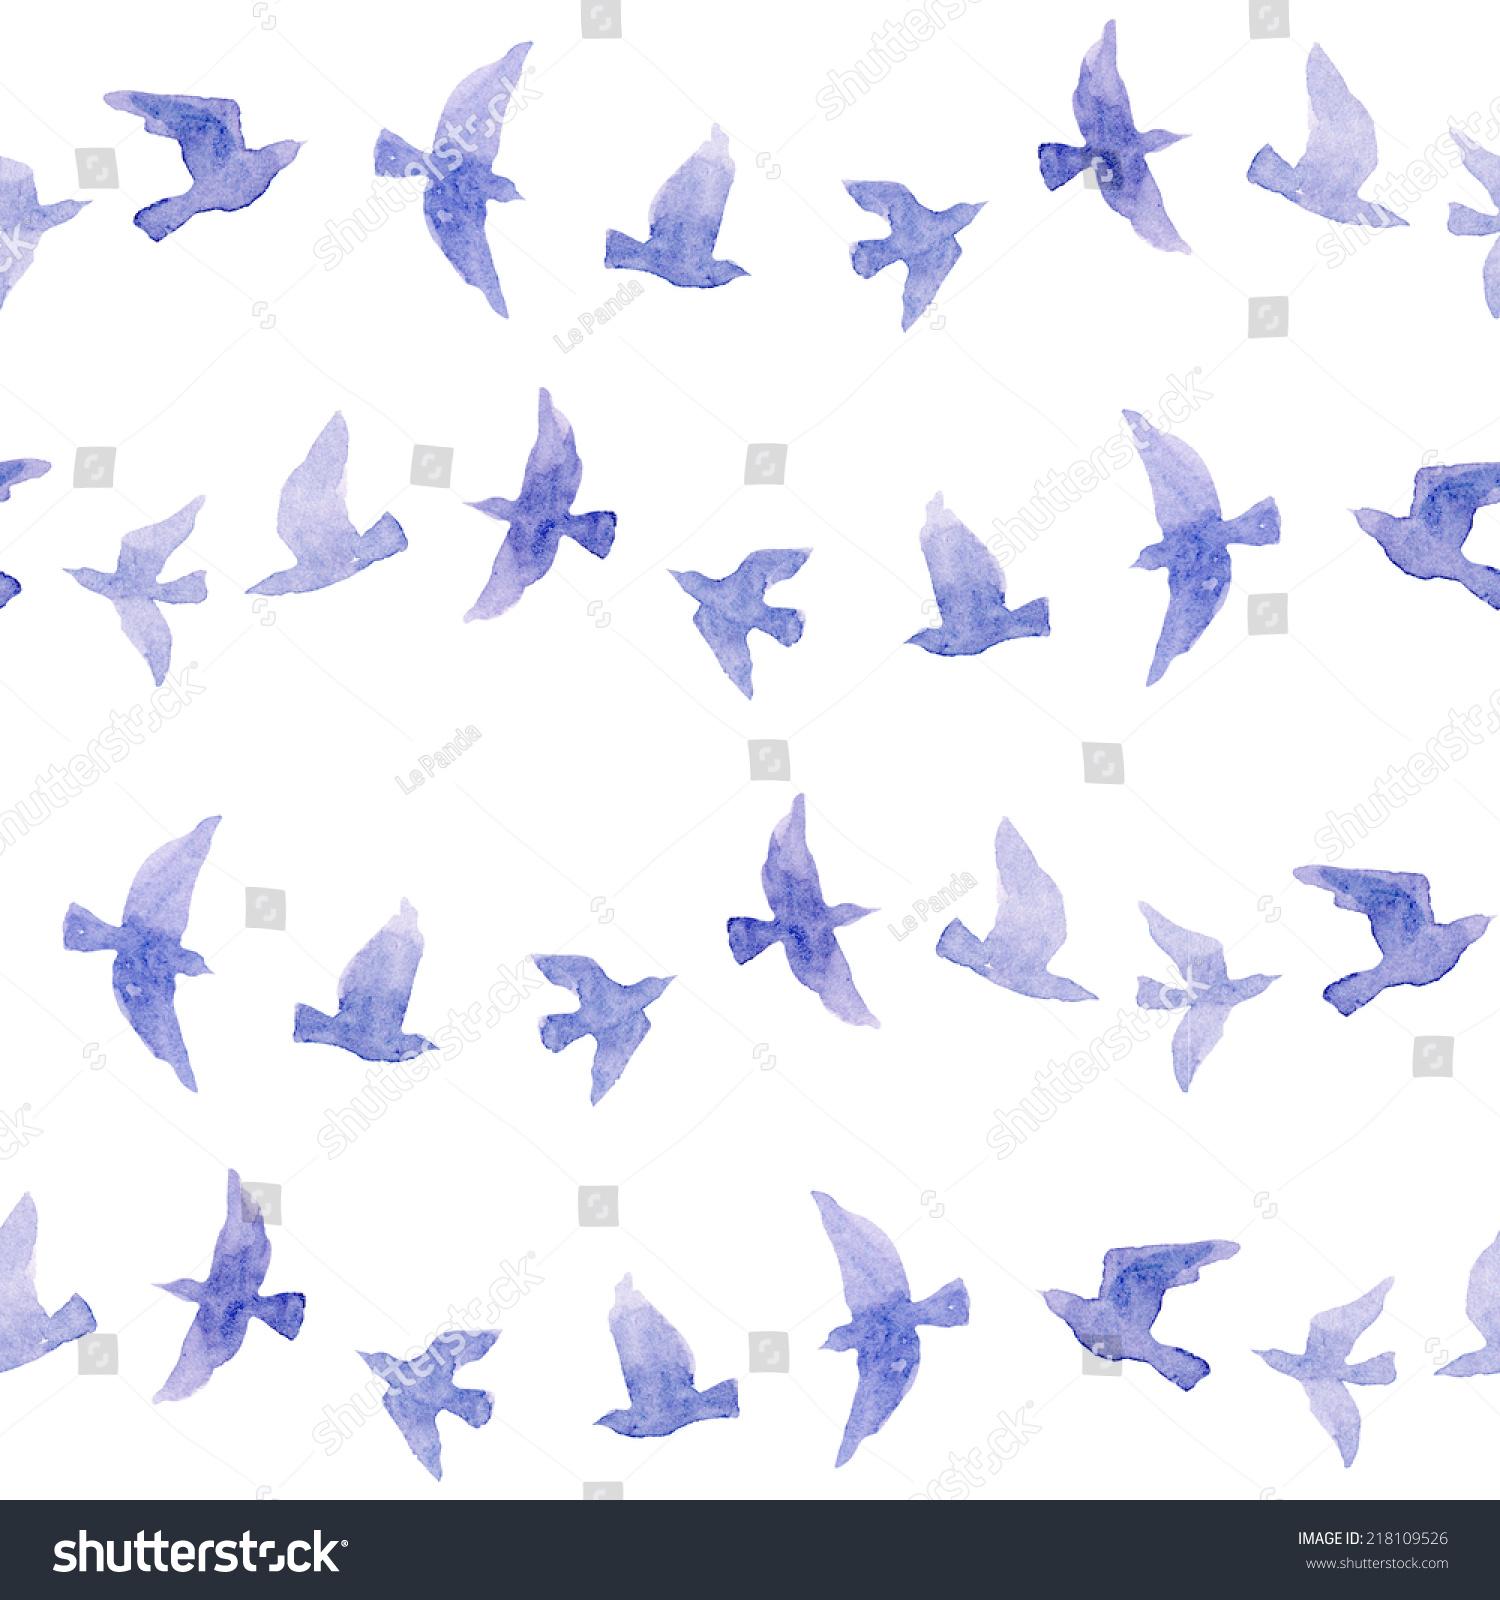 可爱的重复图案与天真的水彩鸟-动物/野生生物,背景